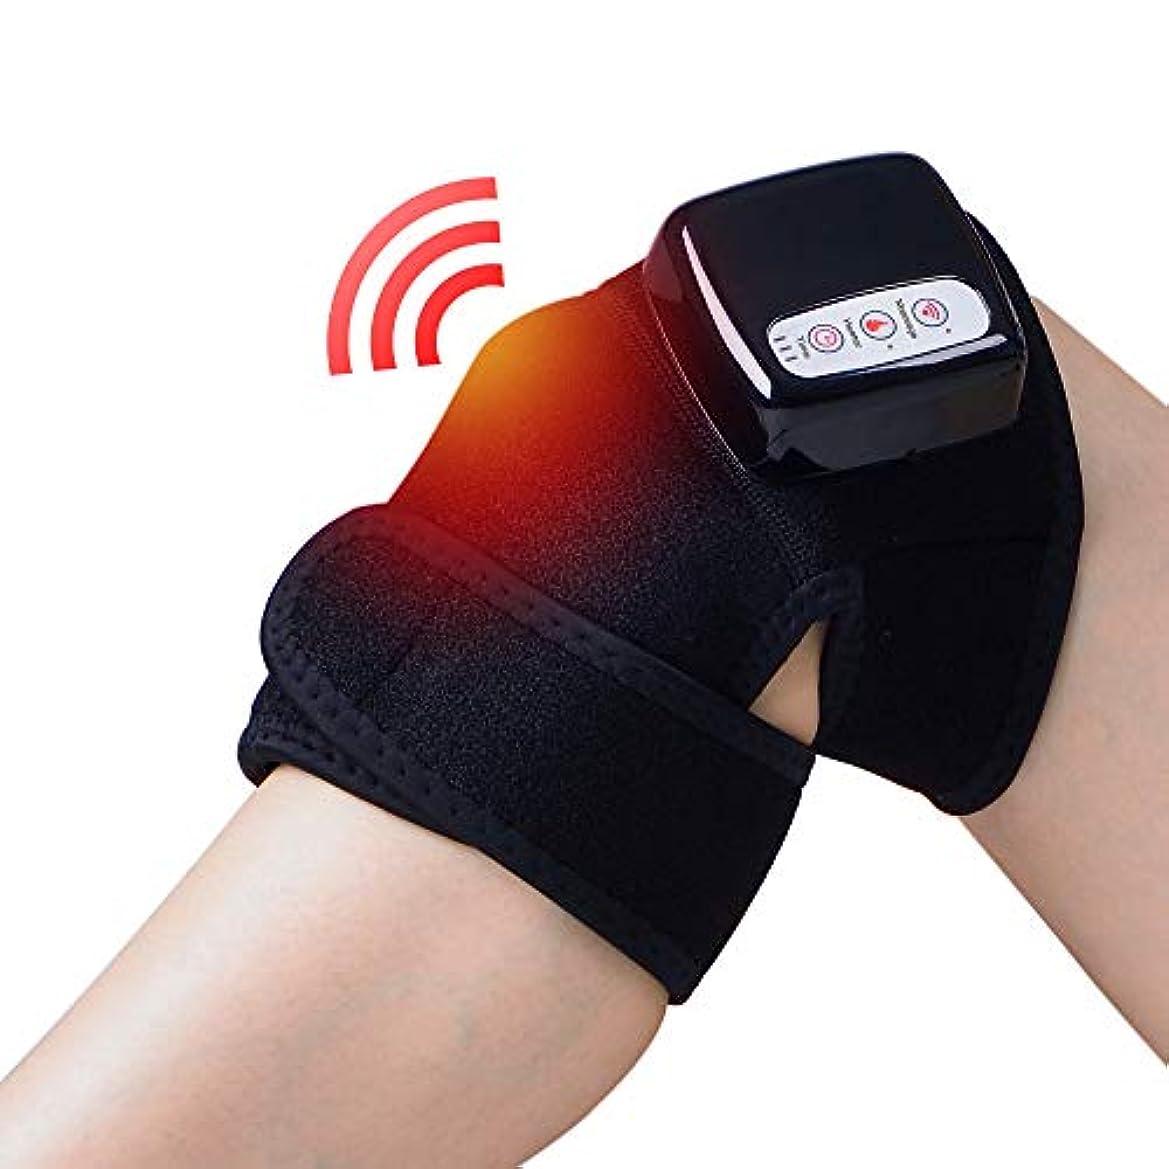 森従事したストライクChuangyue 膝関節加熱マッサージ マッサージ器 フットマッサージャー ひざ マッサージャー 振動 赤外線療法 温熱療法 膝サポーター ストレス解消 膝マット 太もも/腕対応